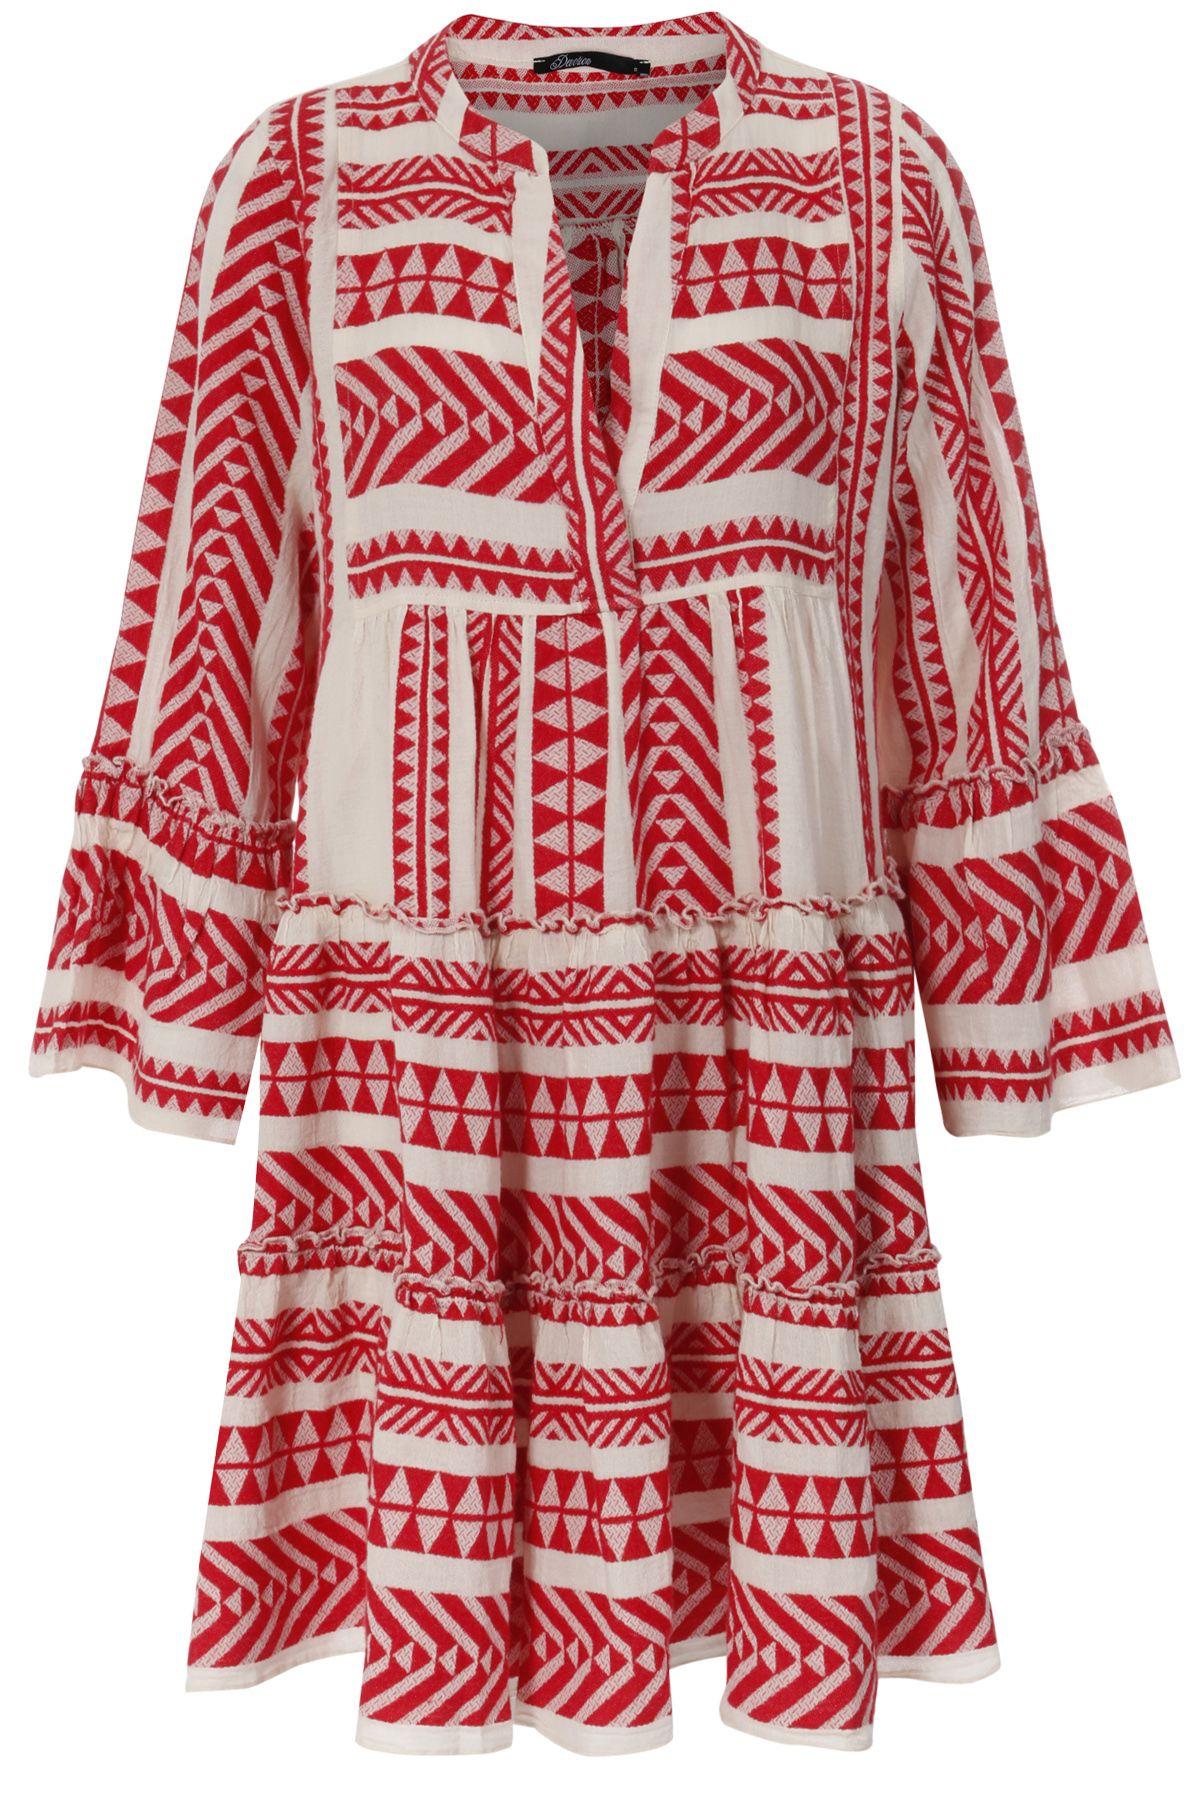 Gemustertes Tunikakleid Aus Baumwolle Rot Weiss Tunika Kleid Kleider Kleidung